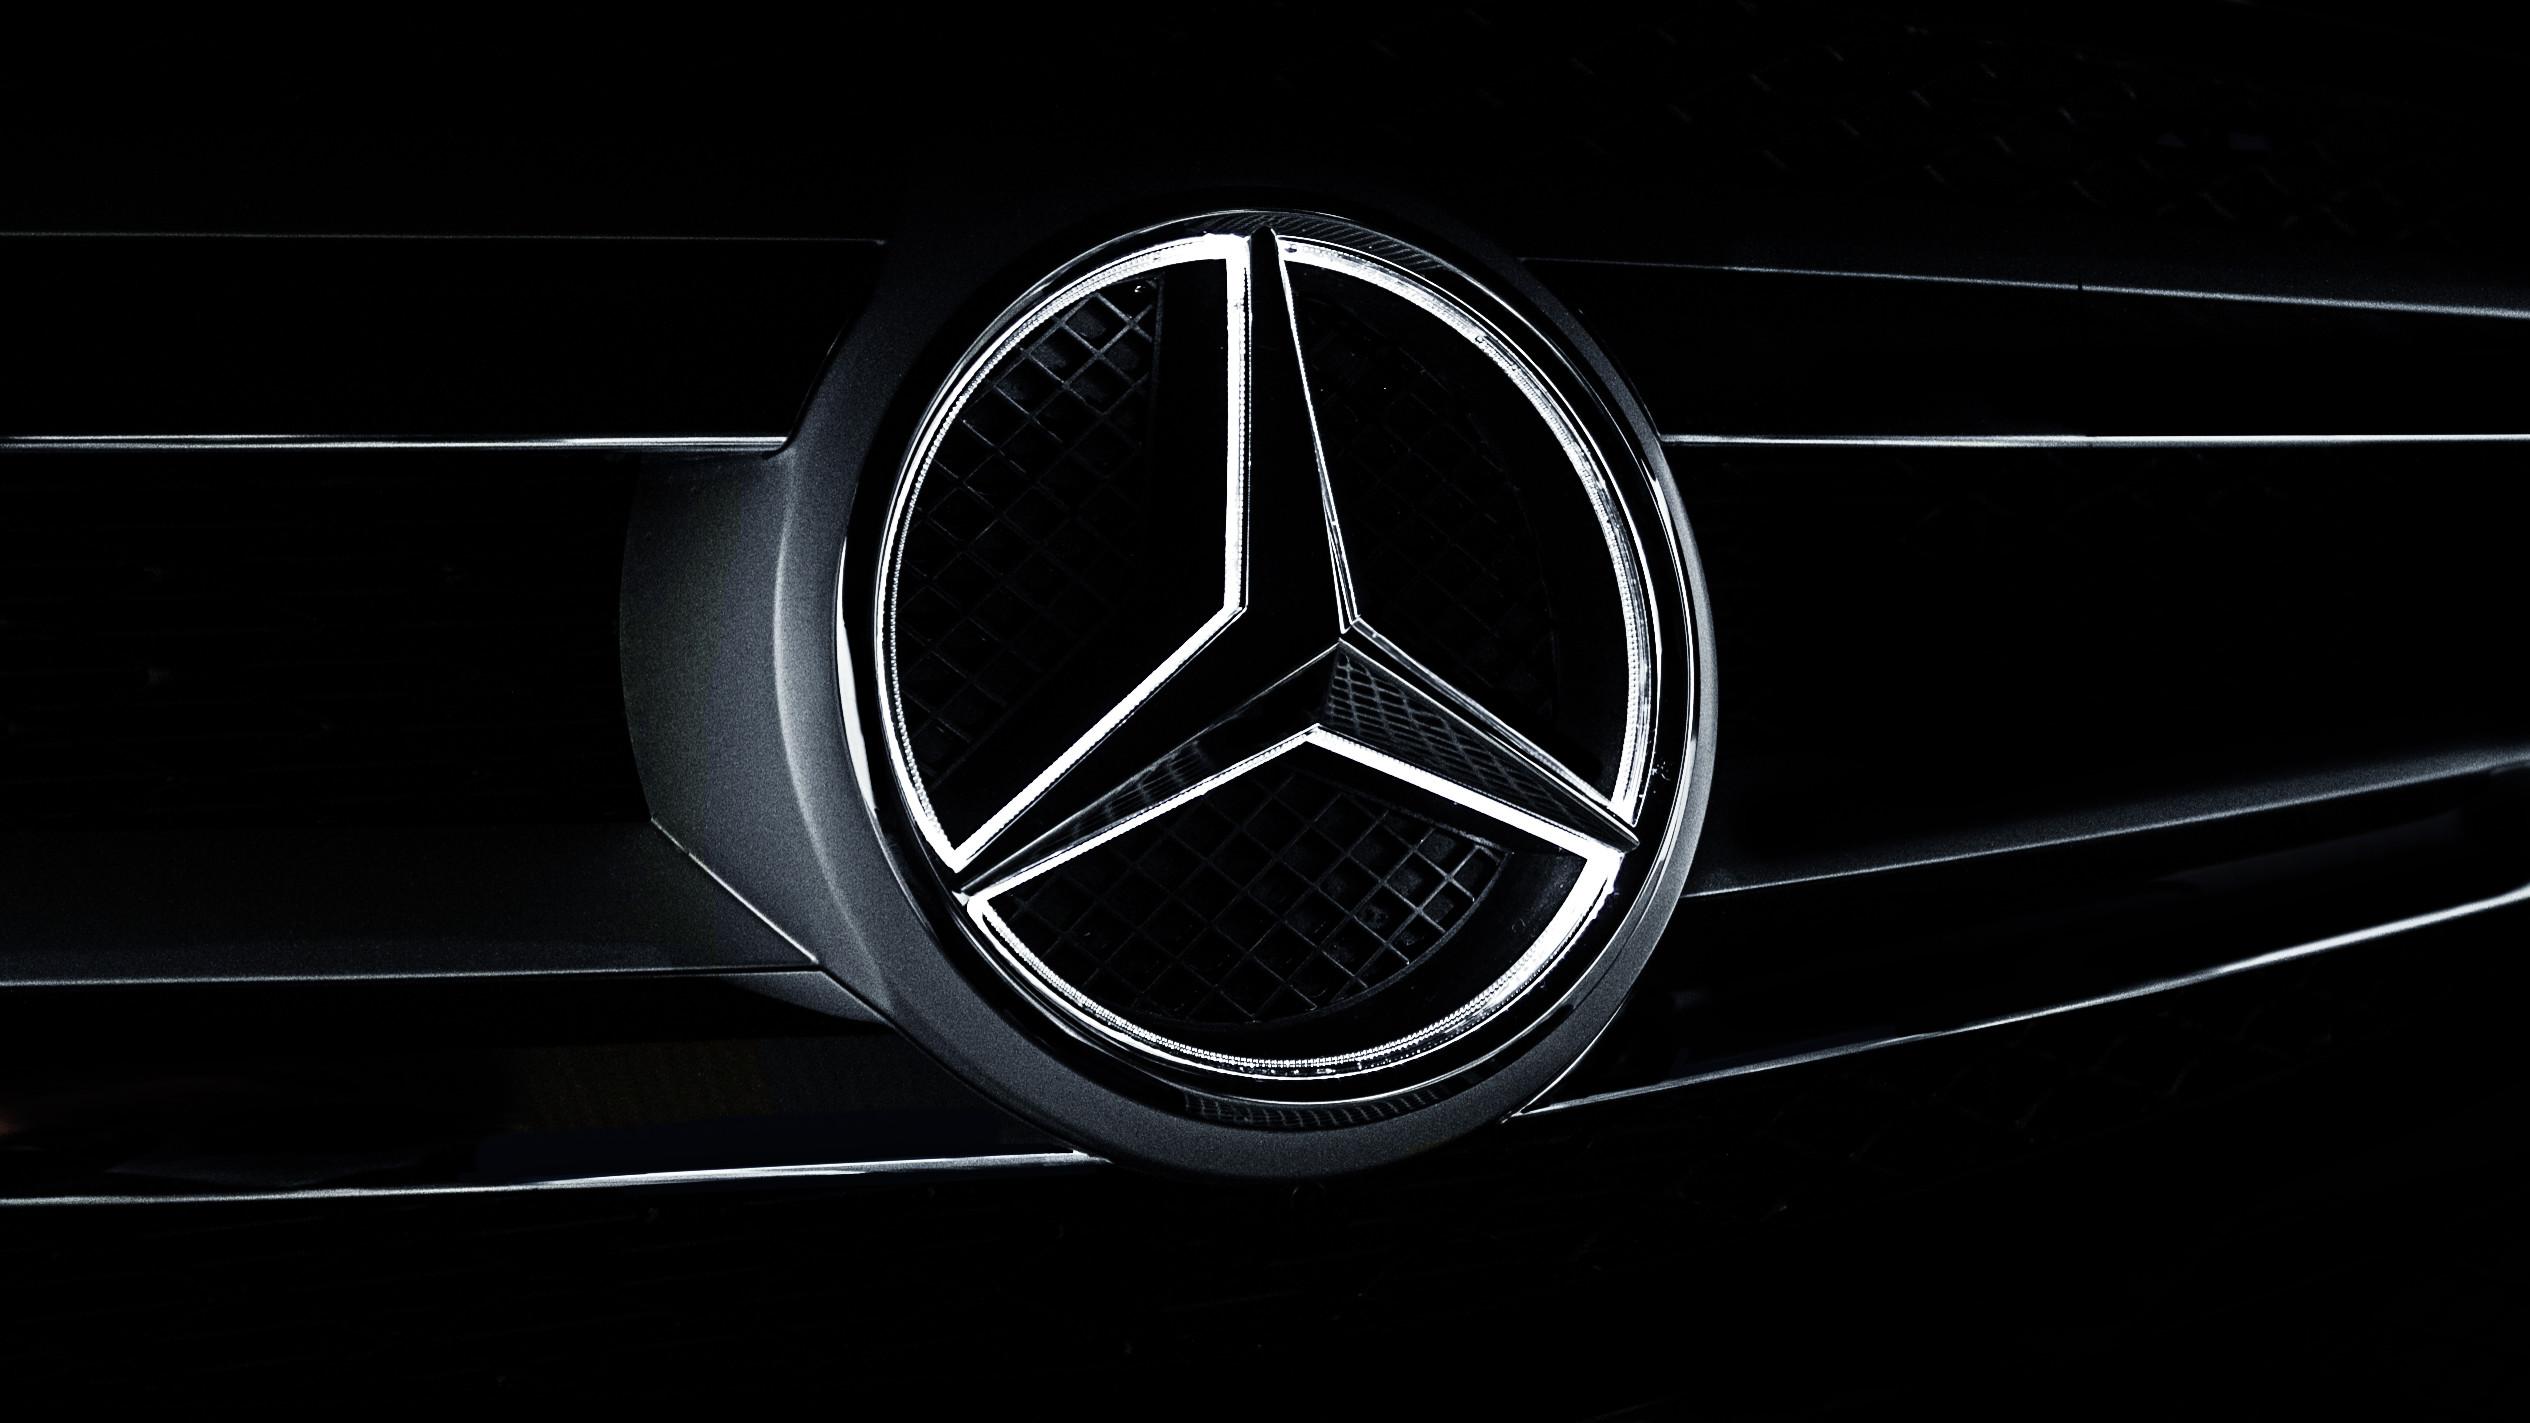 Res: 2530x1423, Desktop For Mercedes Benz Logo Wallpaper Hd Pics Androids